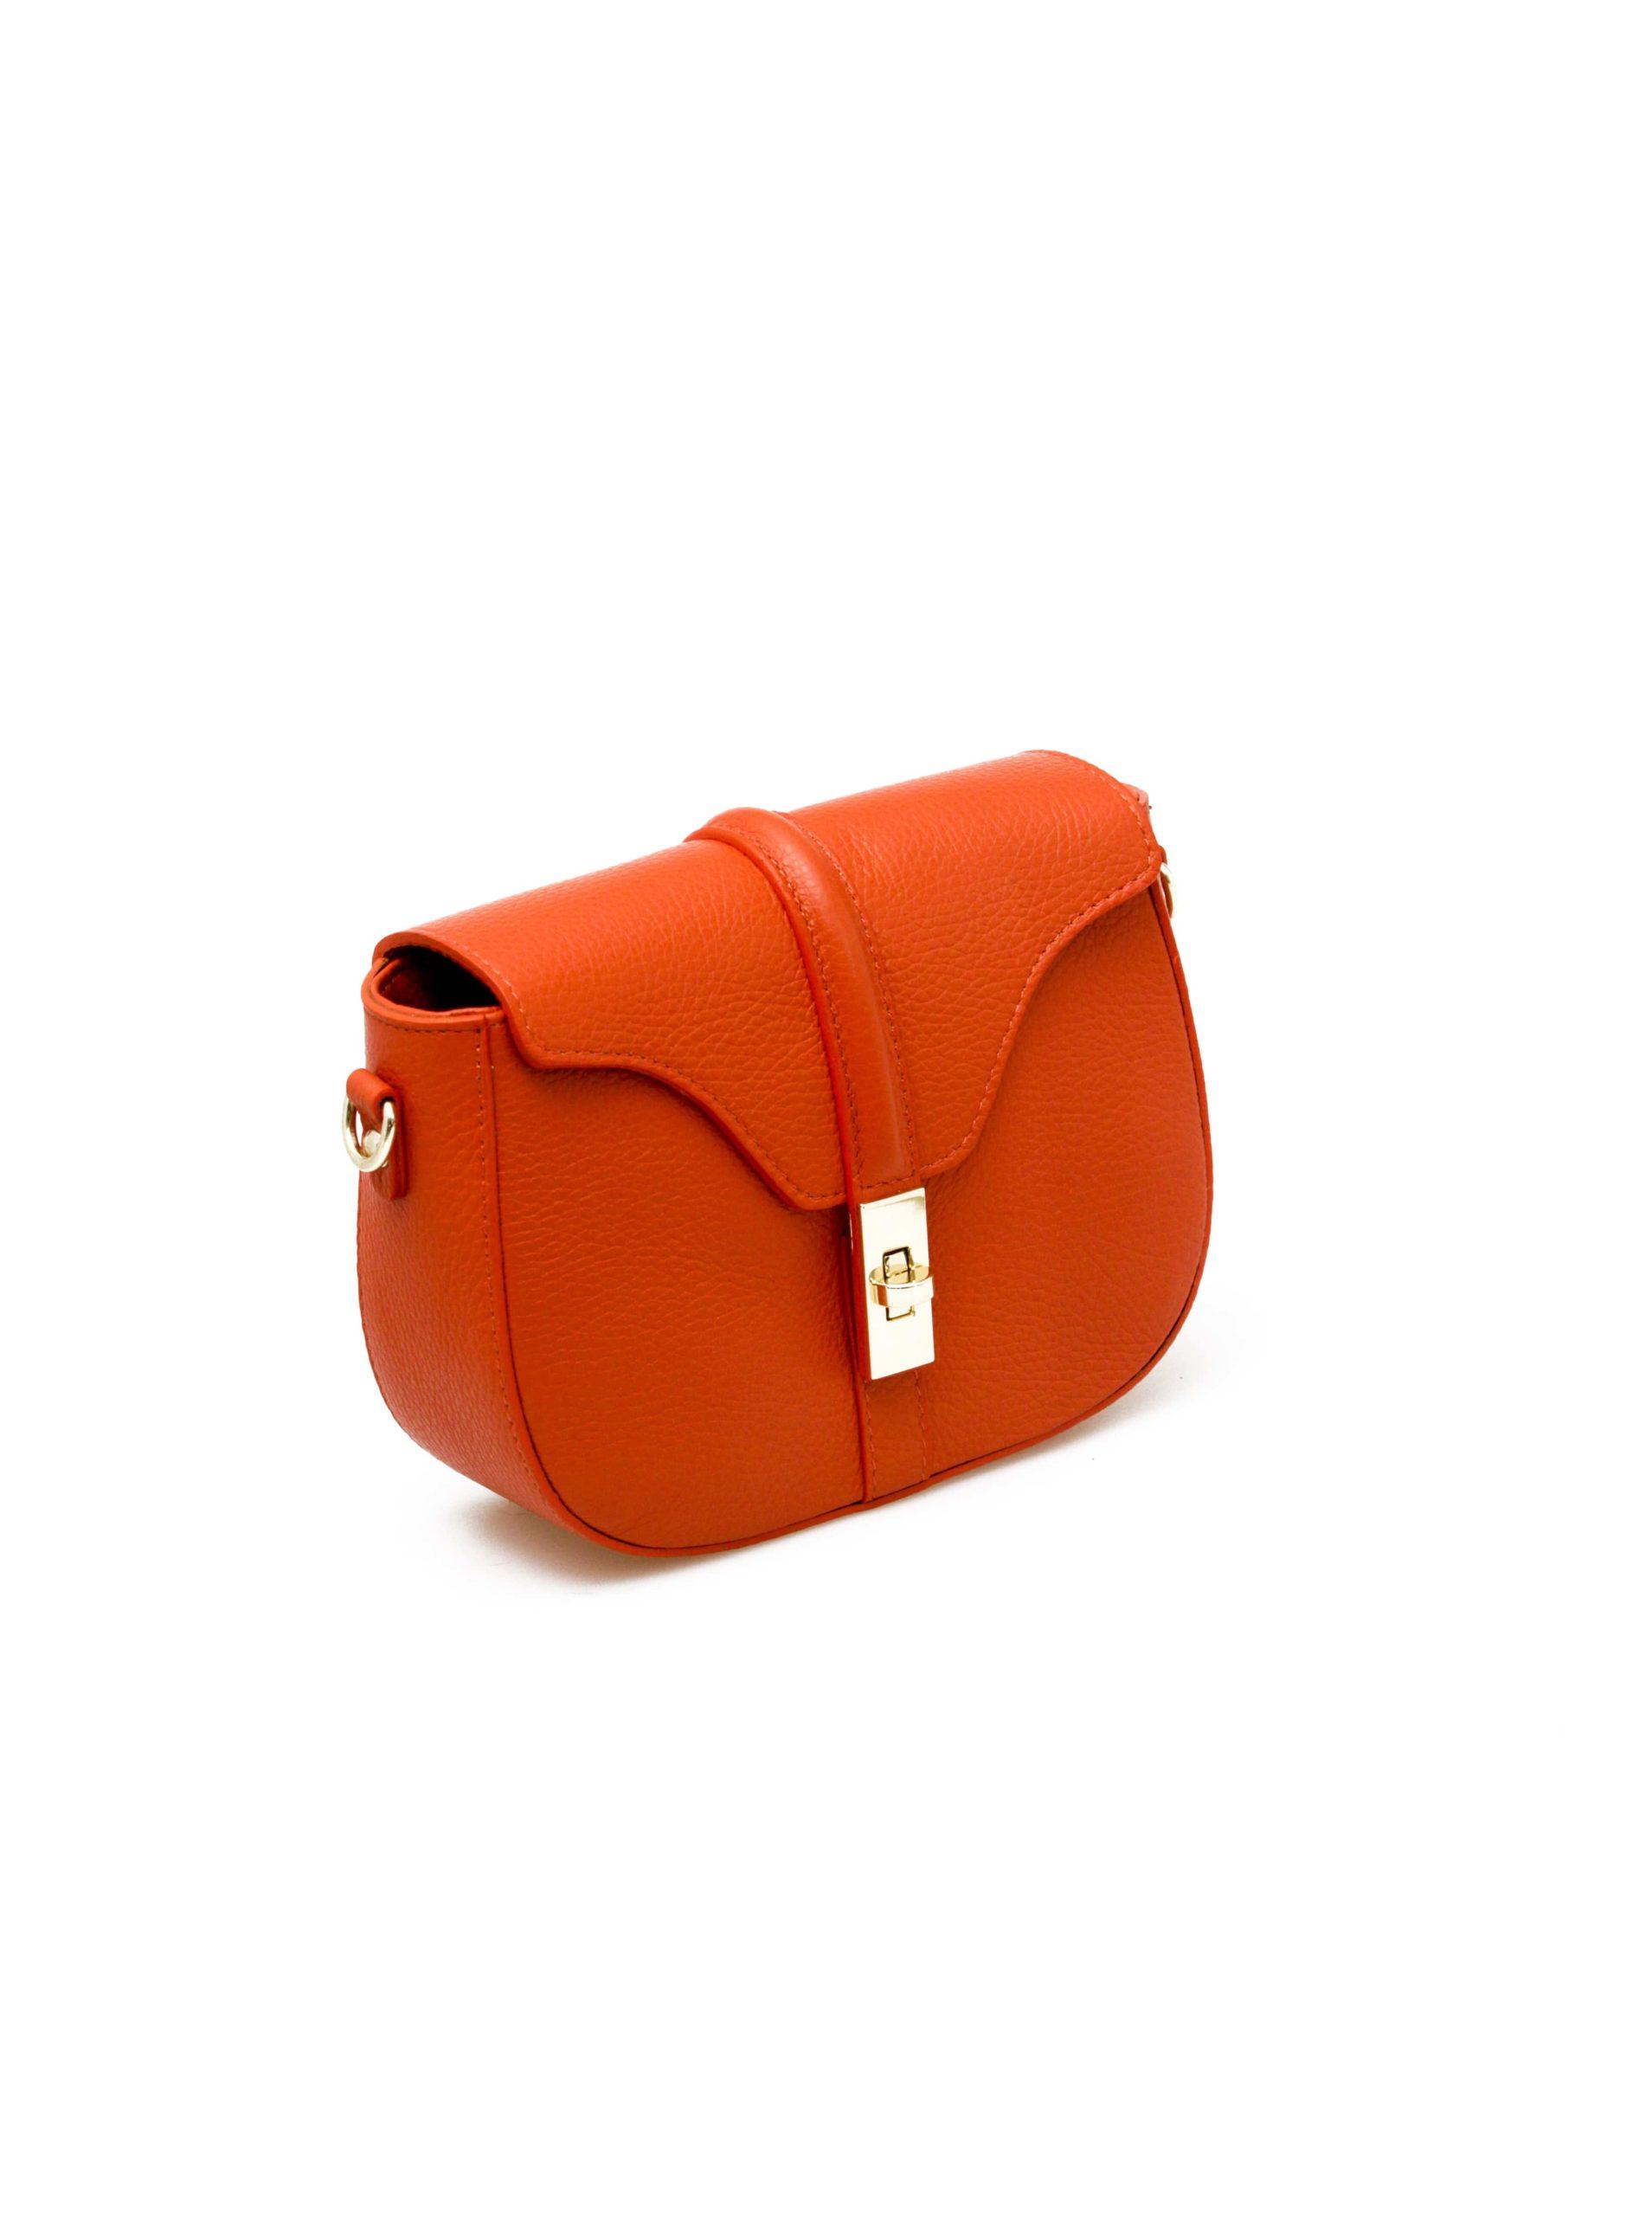 барсетка женская оранжевая